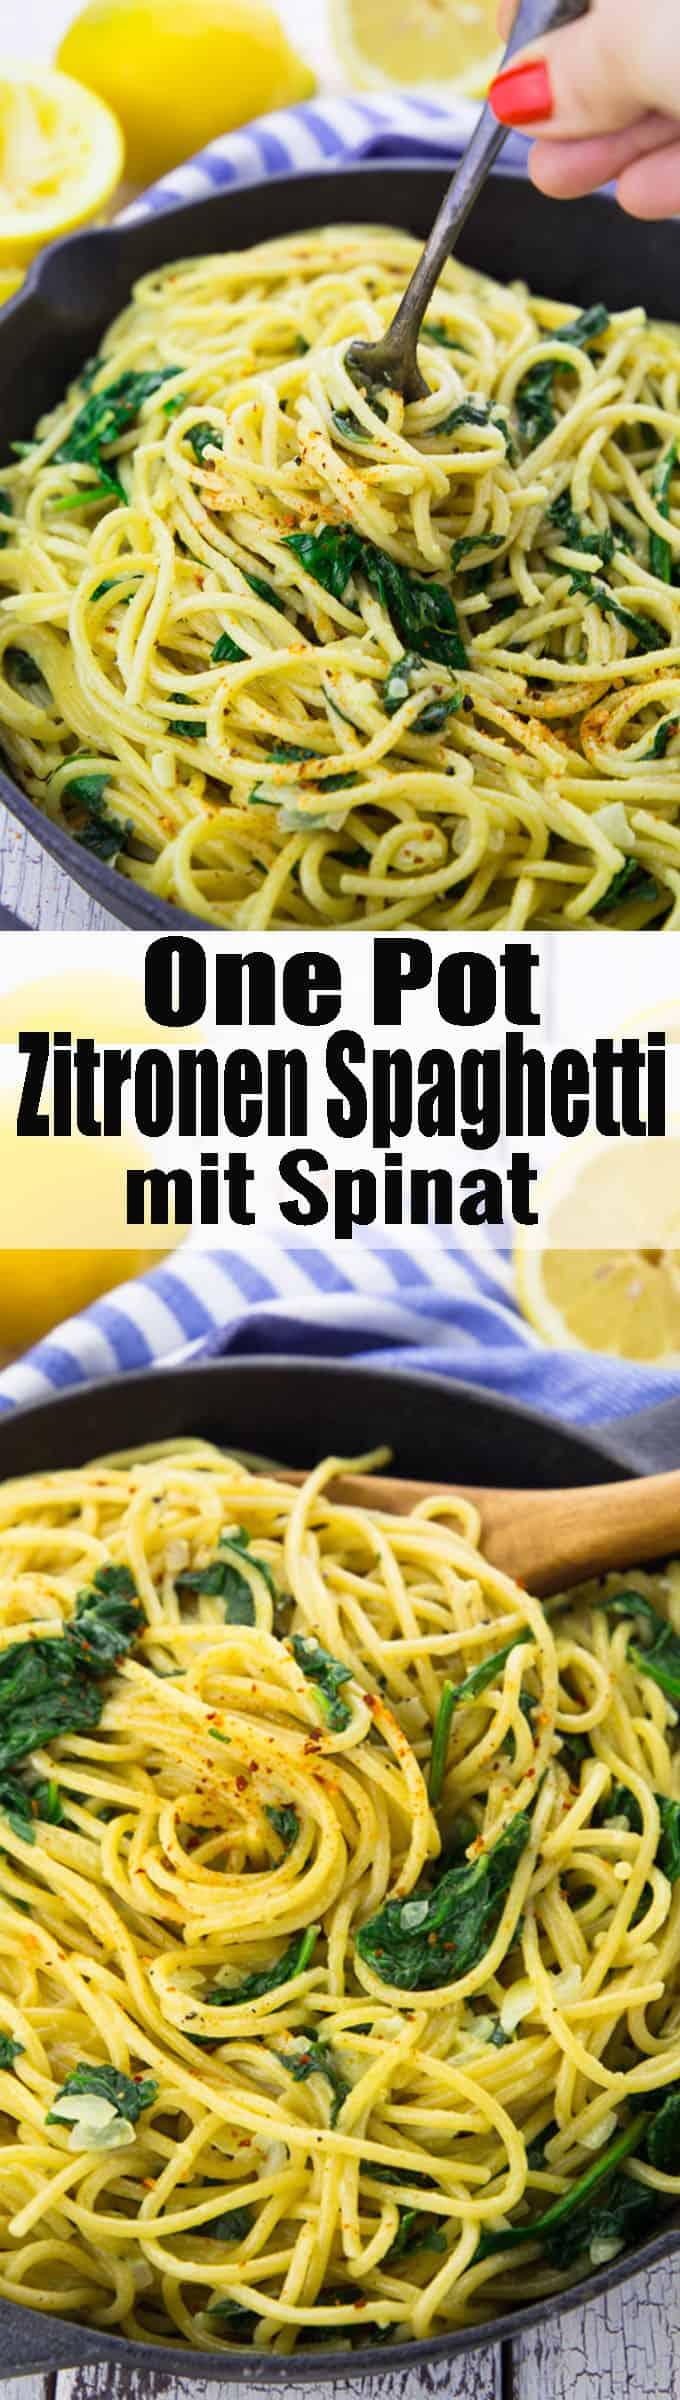 Super einfaches Rezept für Zitronenspaghetti mit Spinat. Nicht nur super lecker, sondern auch total einfach zuzubereiten und 100 Prozent vegan! Ich liebe One Pot Pasta Rezepte!! Mehr vegetarische Rezepte findet ihr auf veganheaven.de! <3